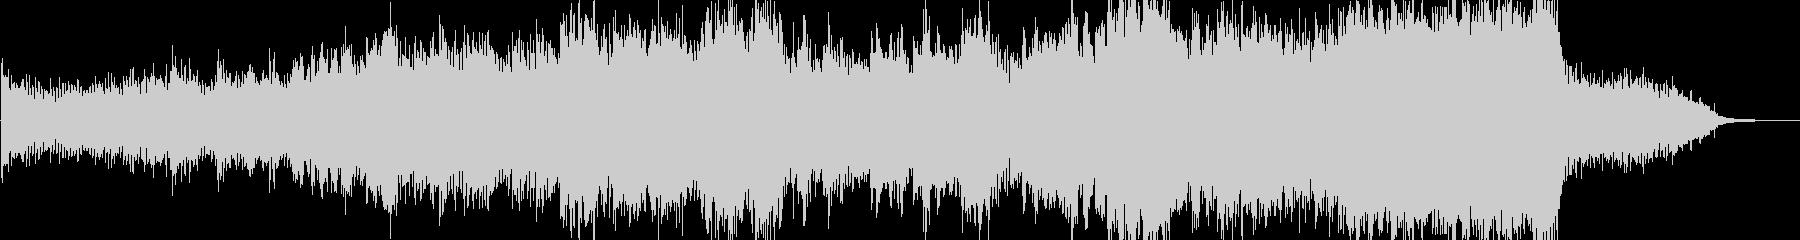 メロディーラインが美しいEpicサウンドの未再生の波形